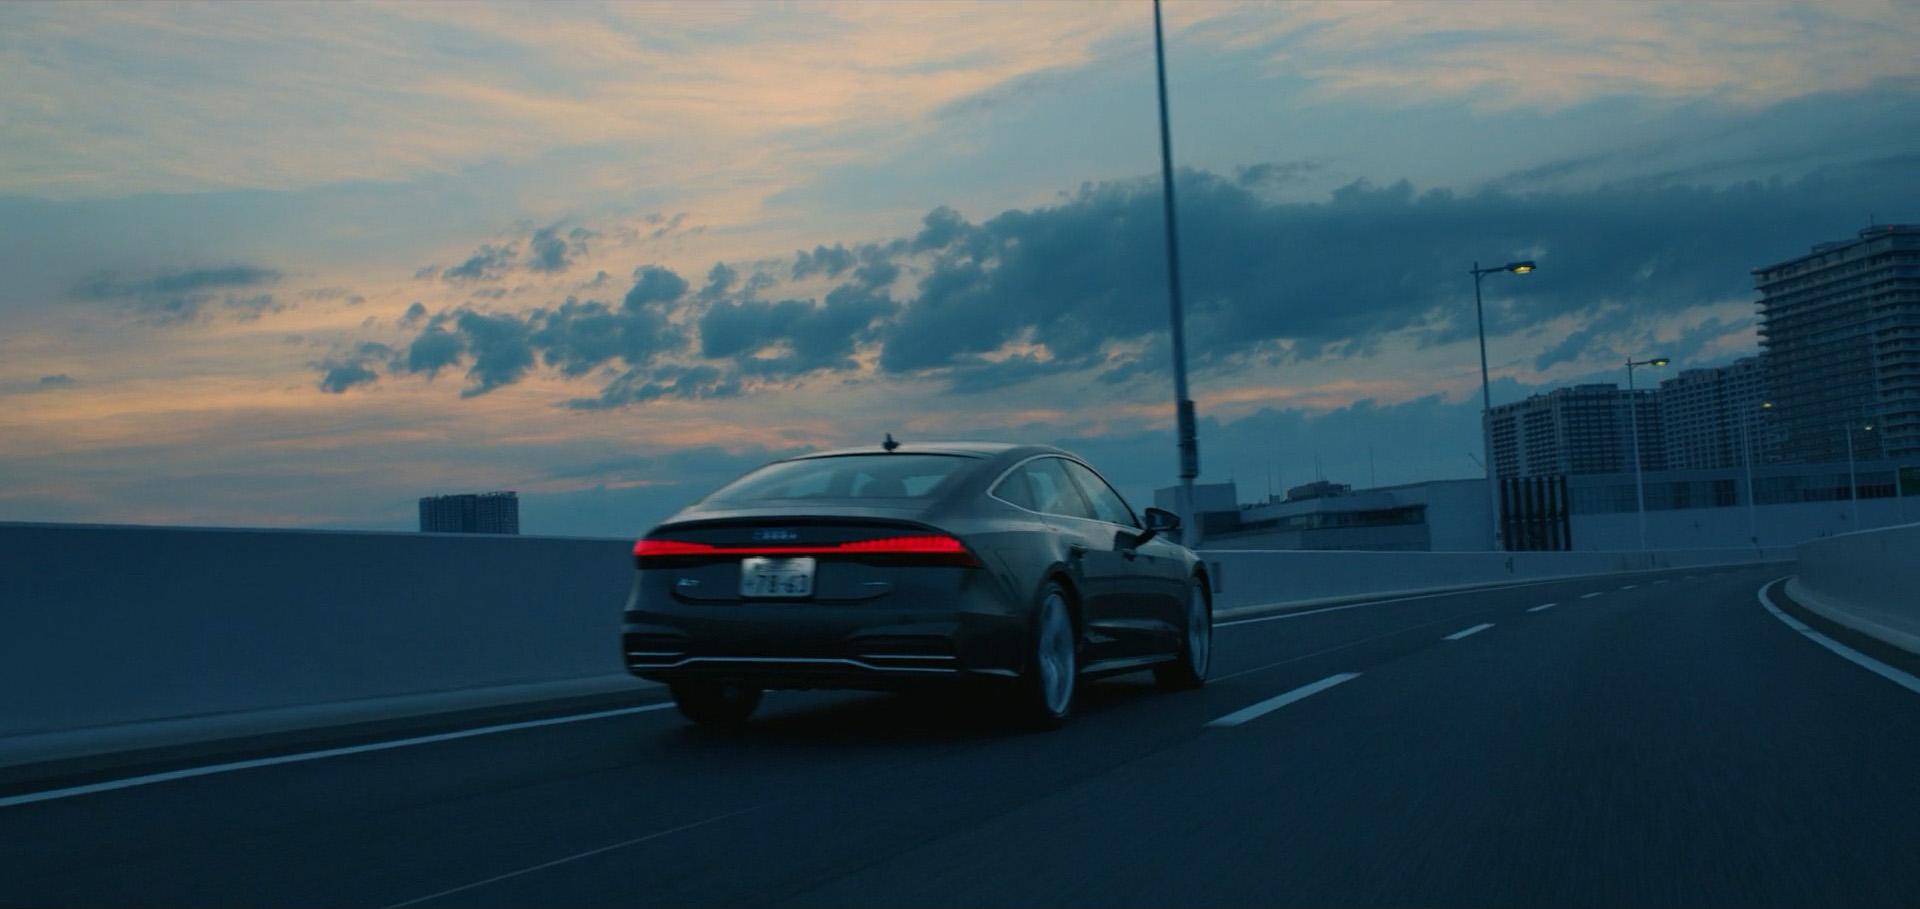 032 - Audi - Runner-0120